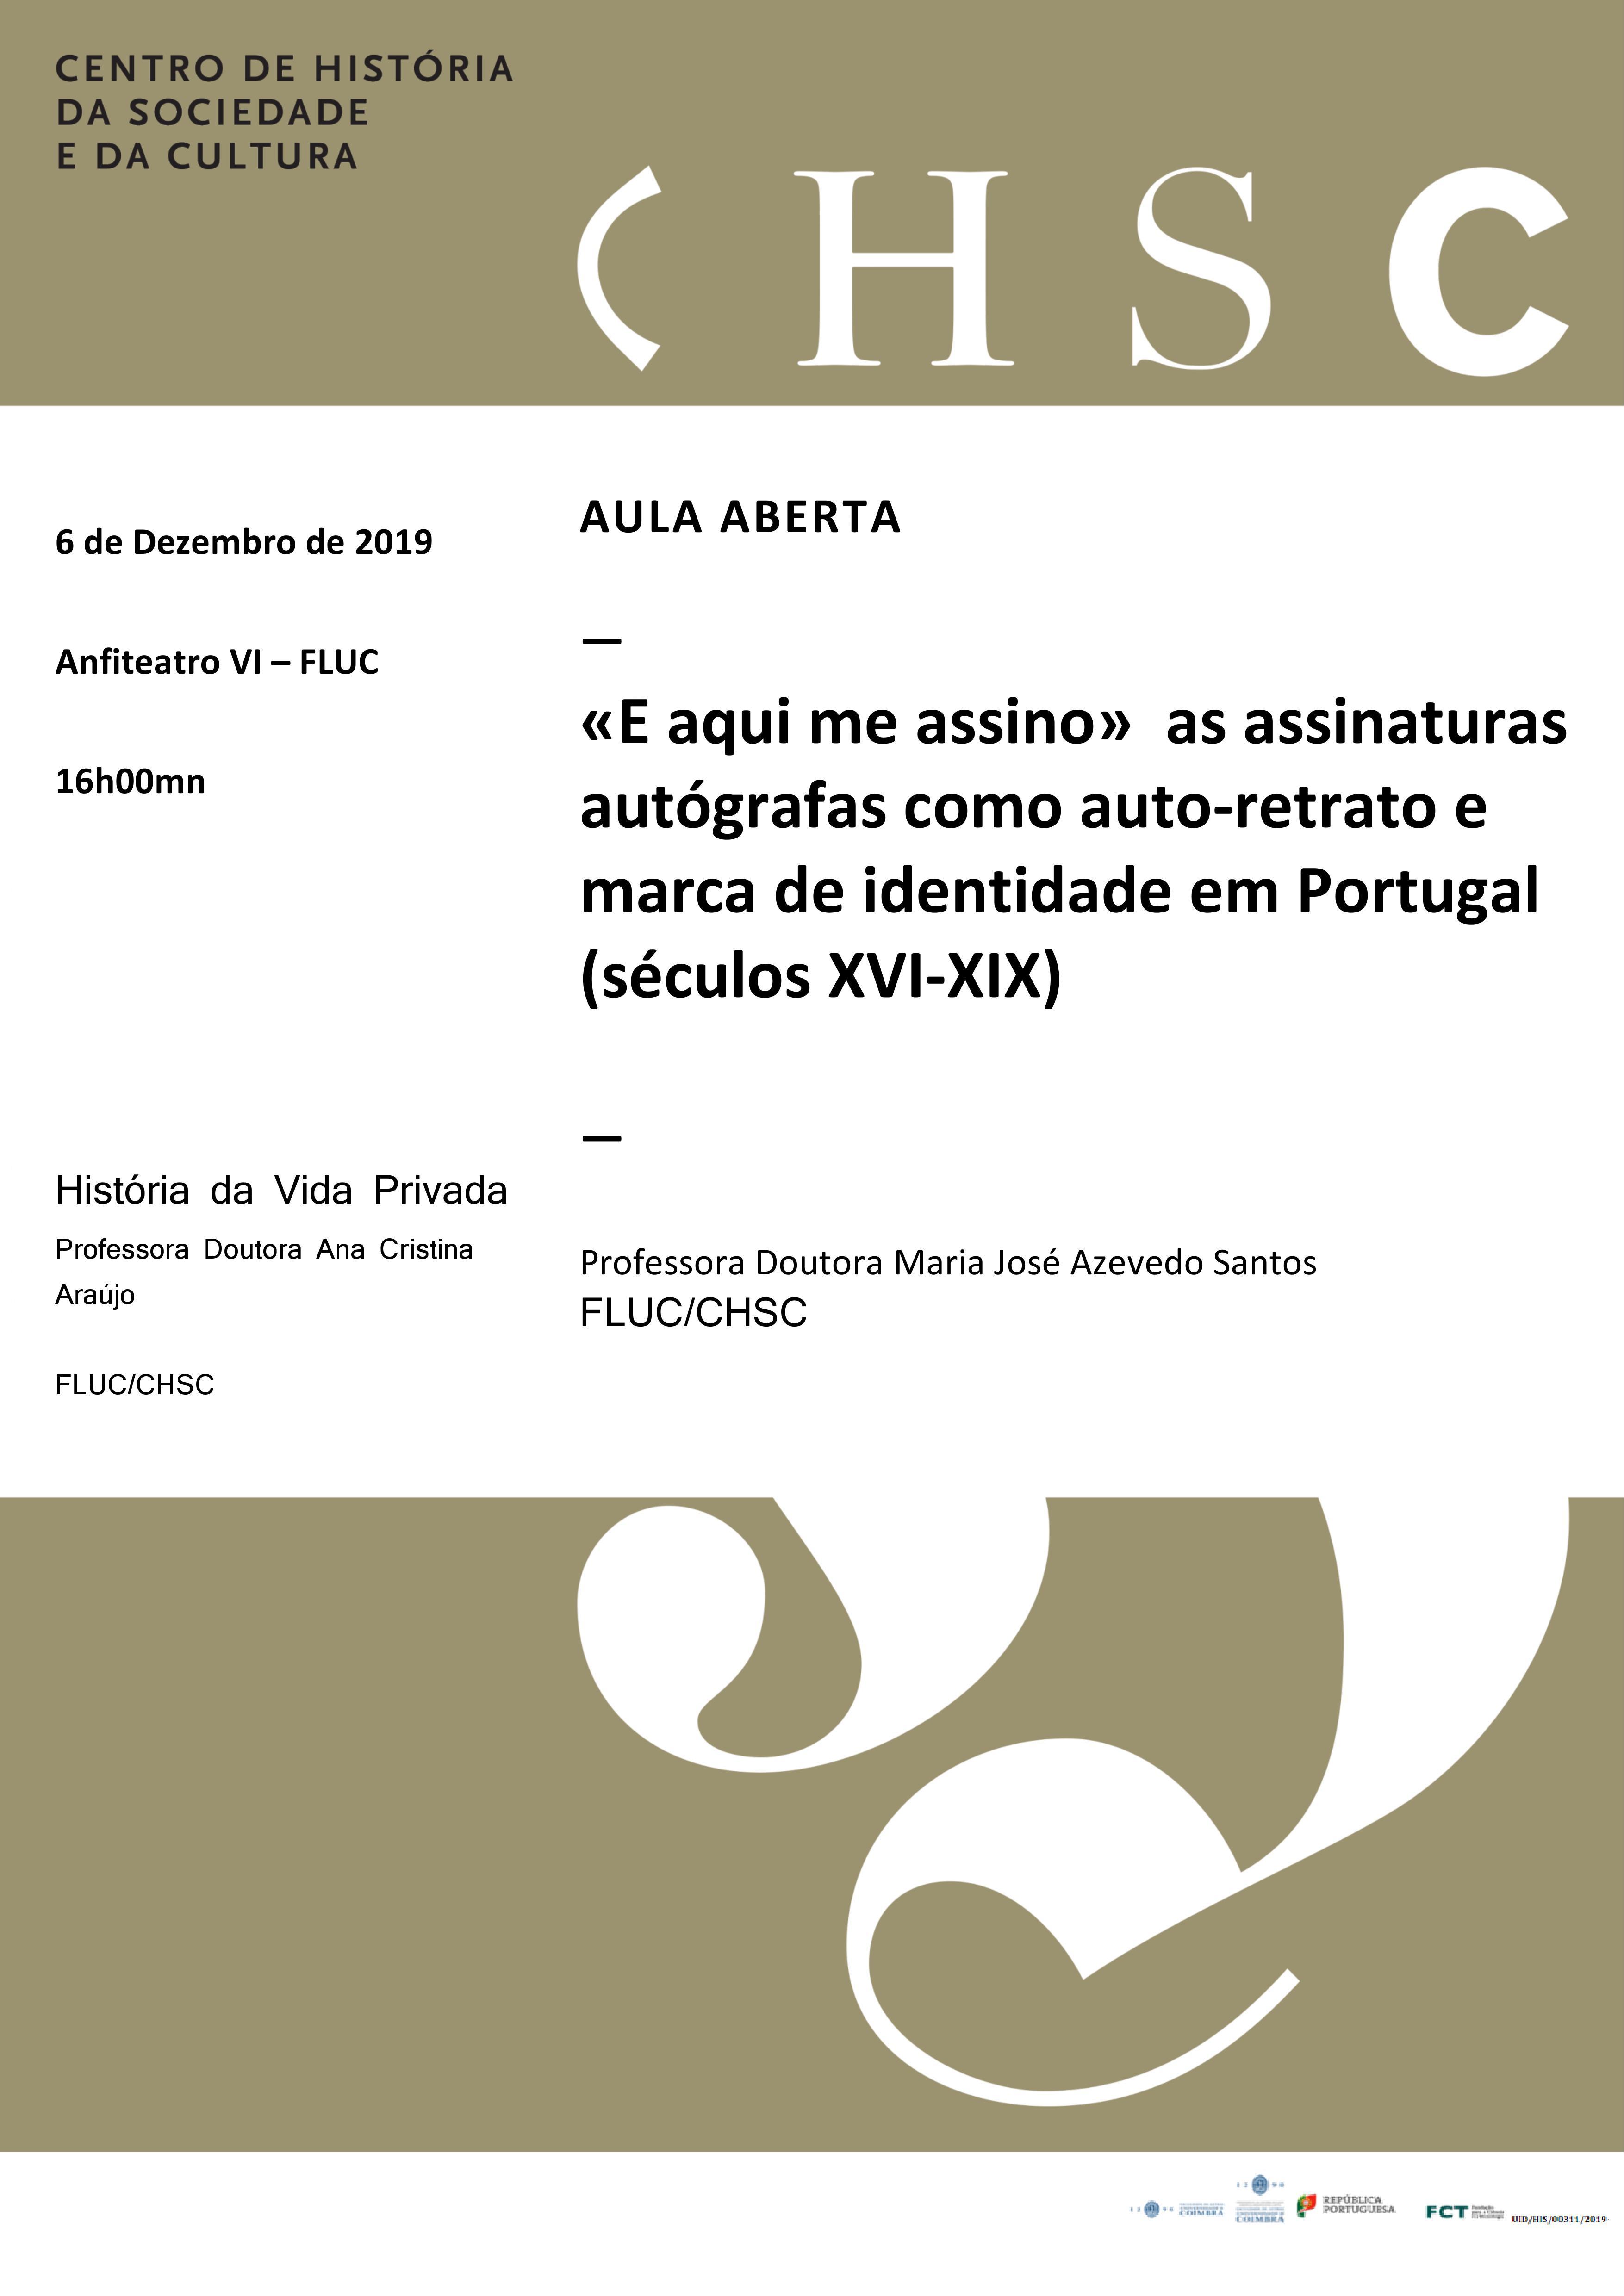 """AULA ABERTA – """"E AQUI ME ASSINO"""" AS ASSINATURAS AUTÓGRAFAS COMO AUTO-RETRATO E MARCA DE IDENTIDADE EM PORTUGAL (SÉCULOS XVI-XIX)"""